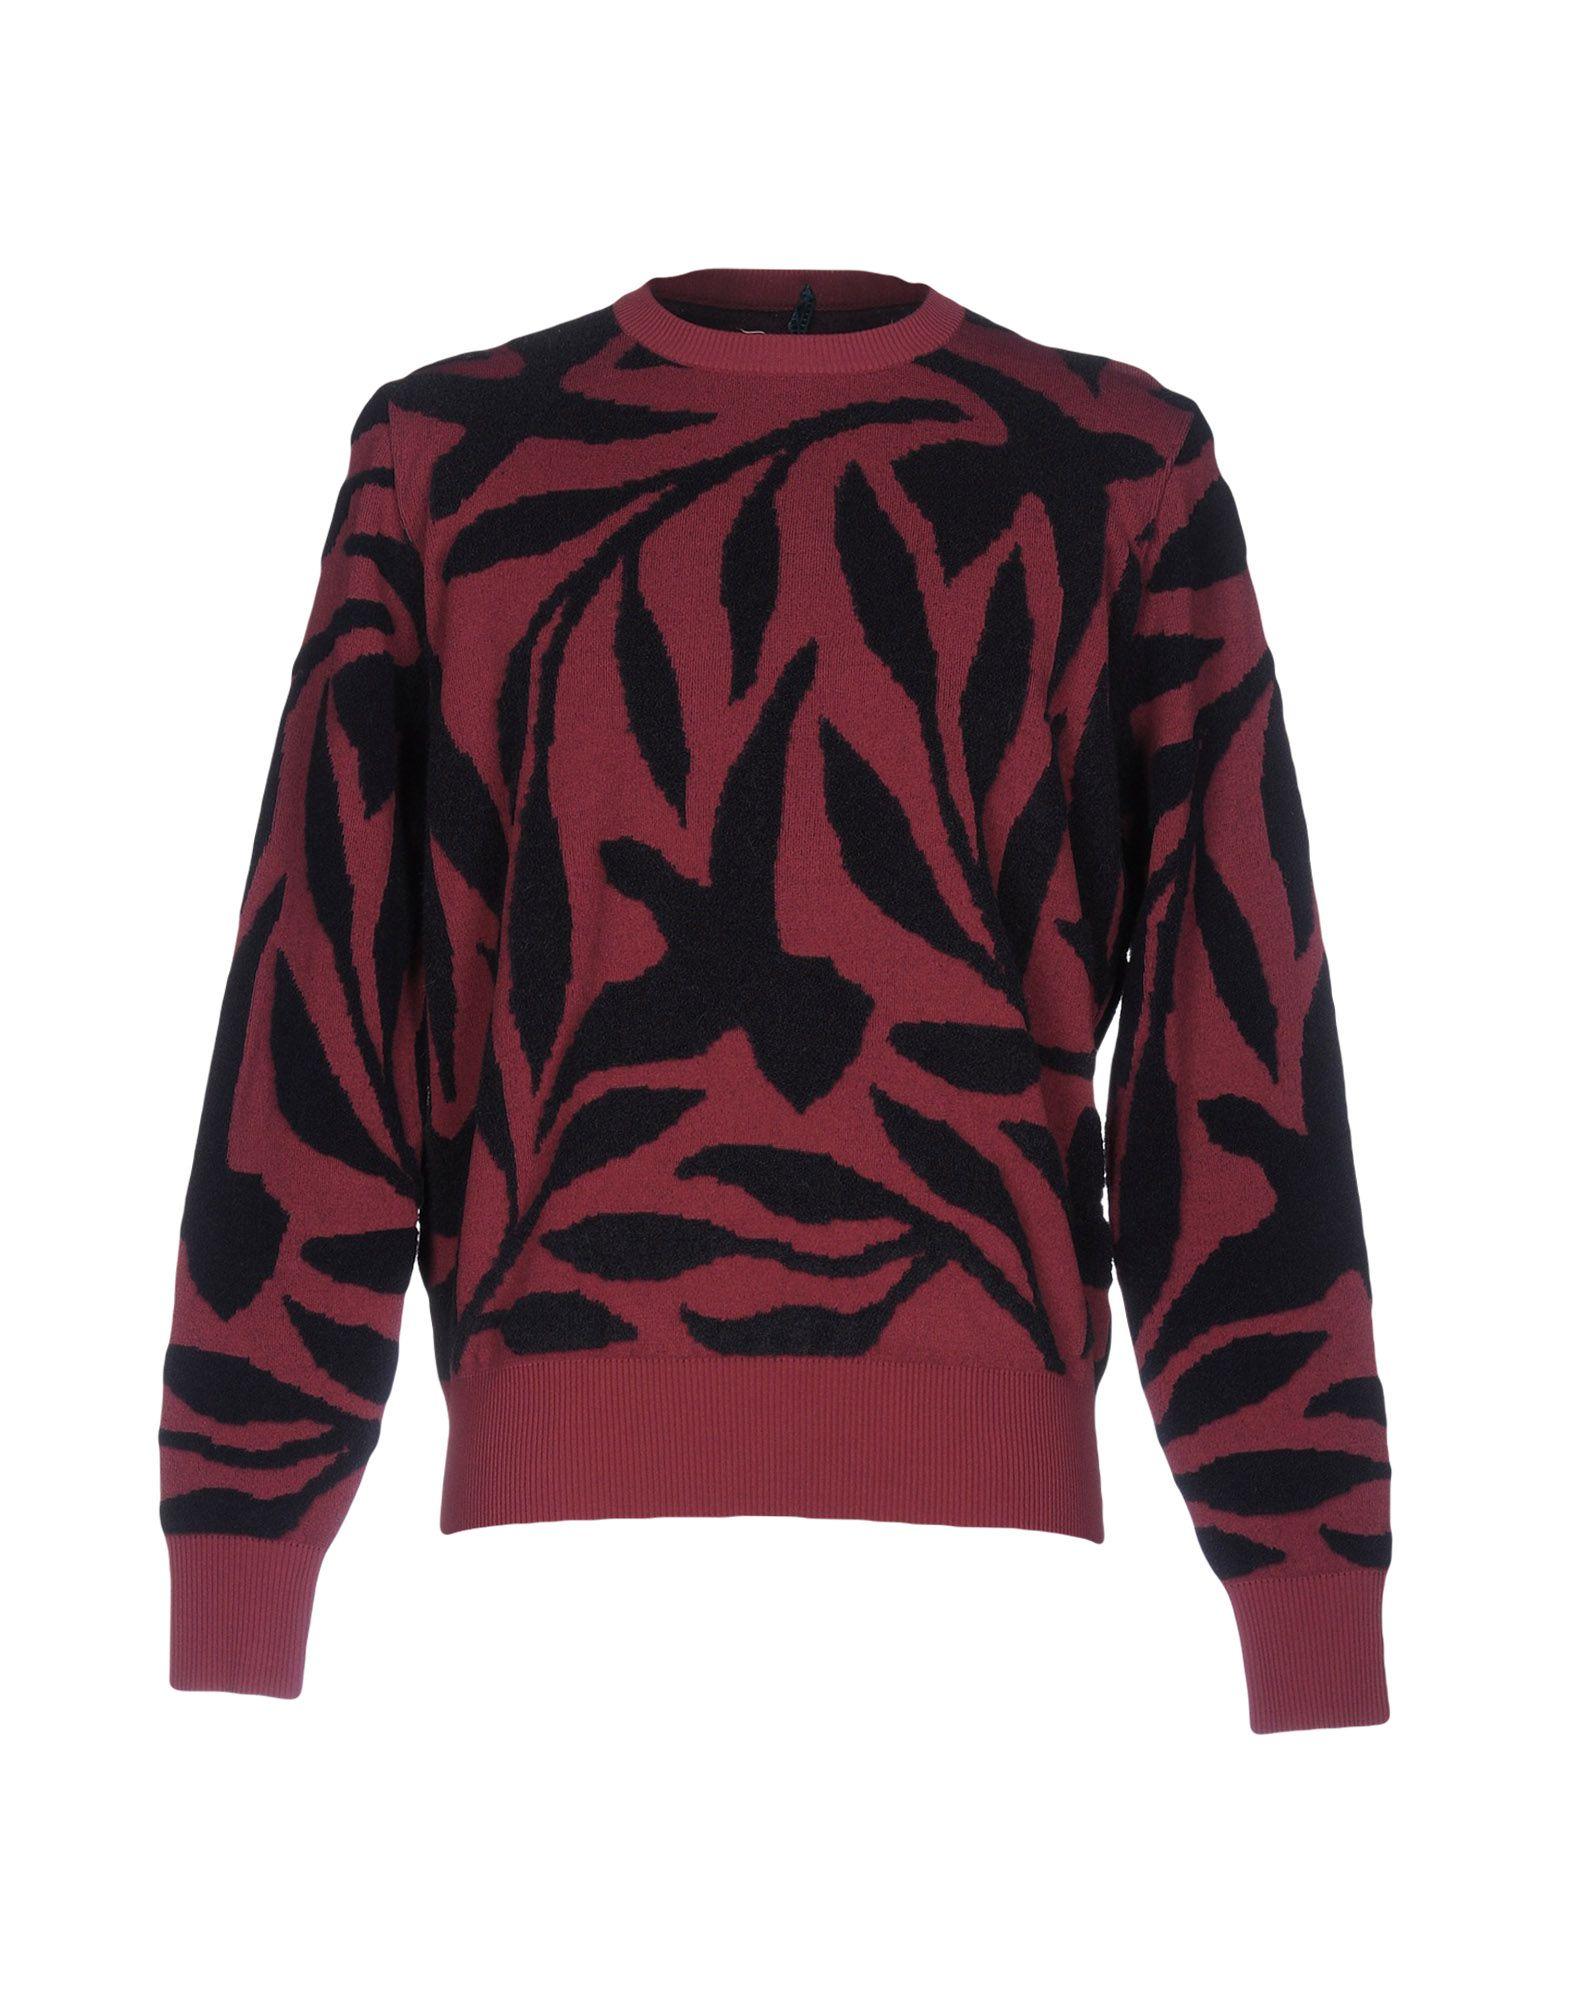 OAMC Herren Pullover Farbe Bordeaux Größe 7 jetztbilligerkaufen